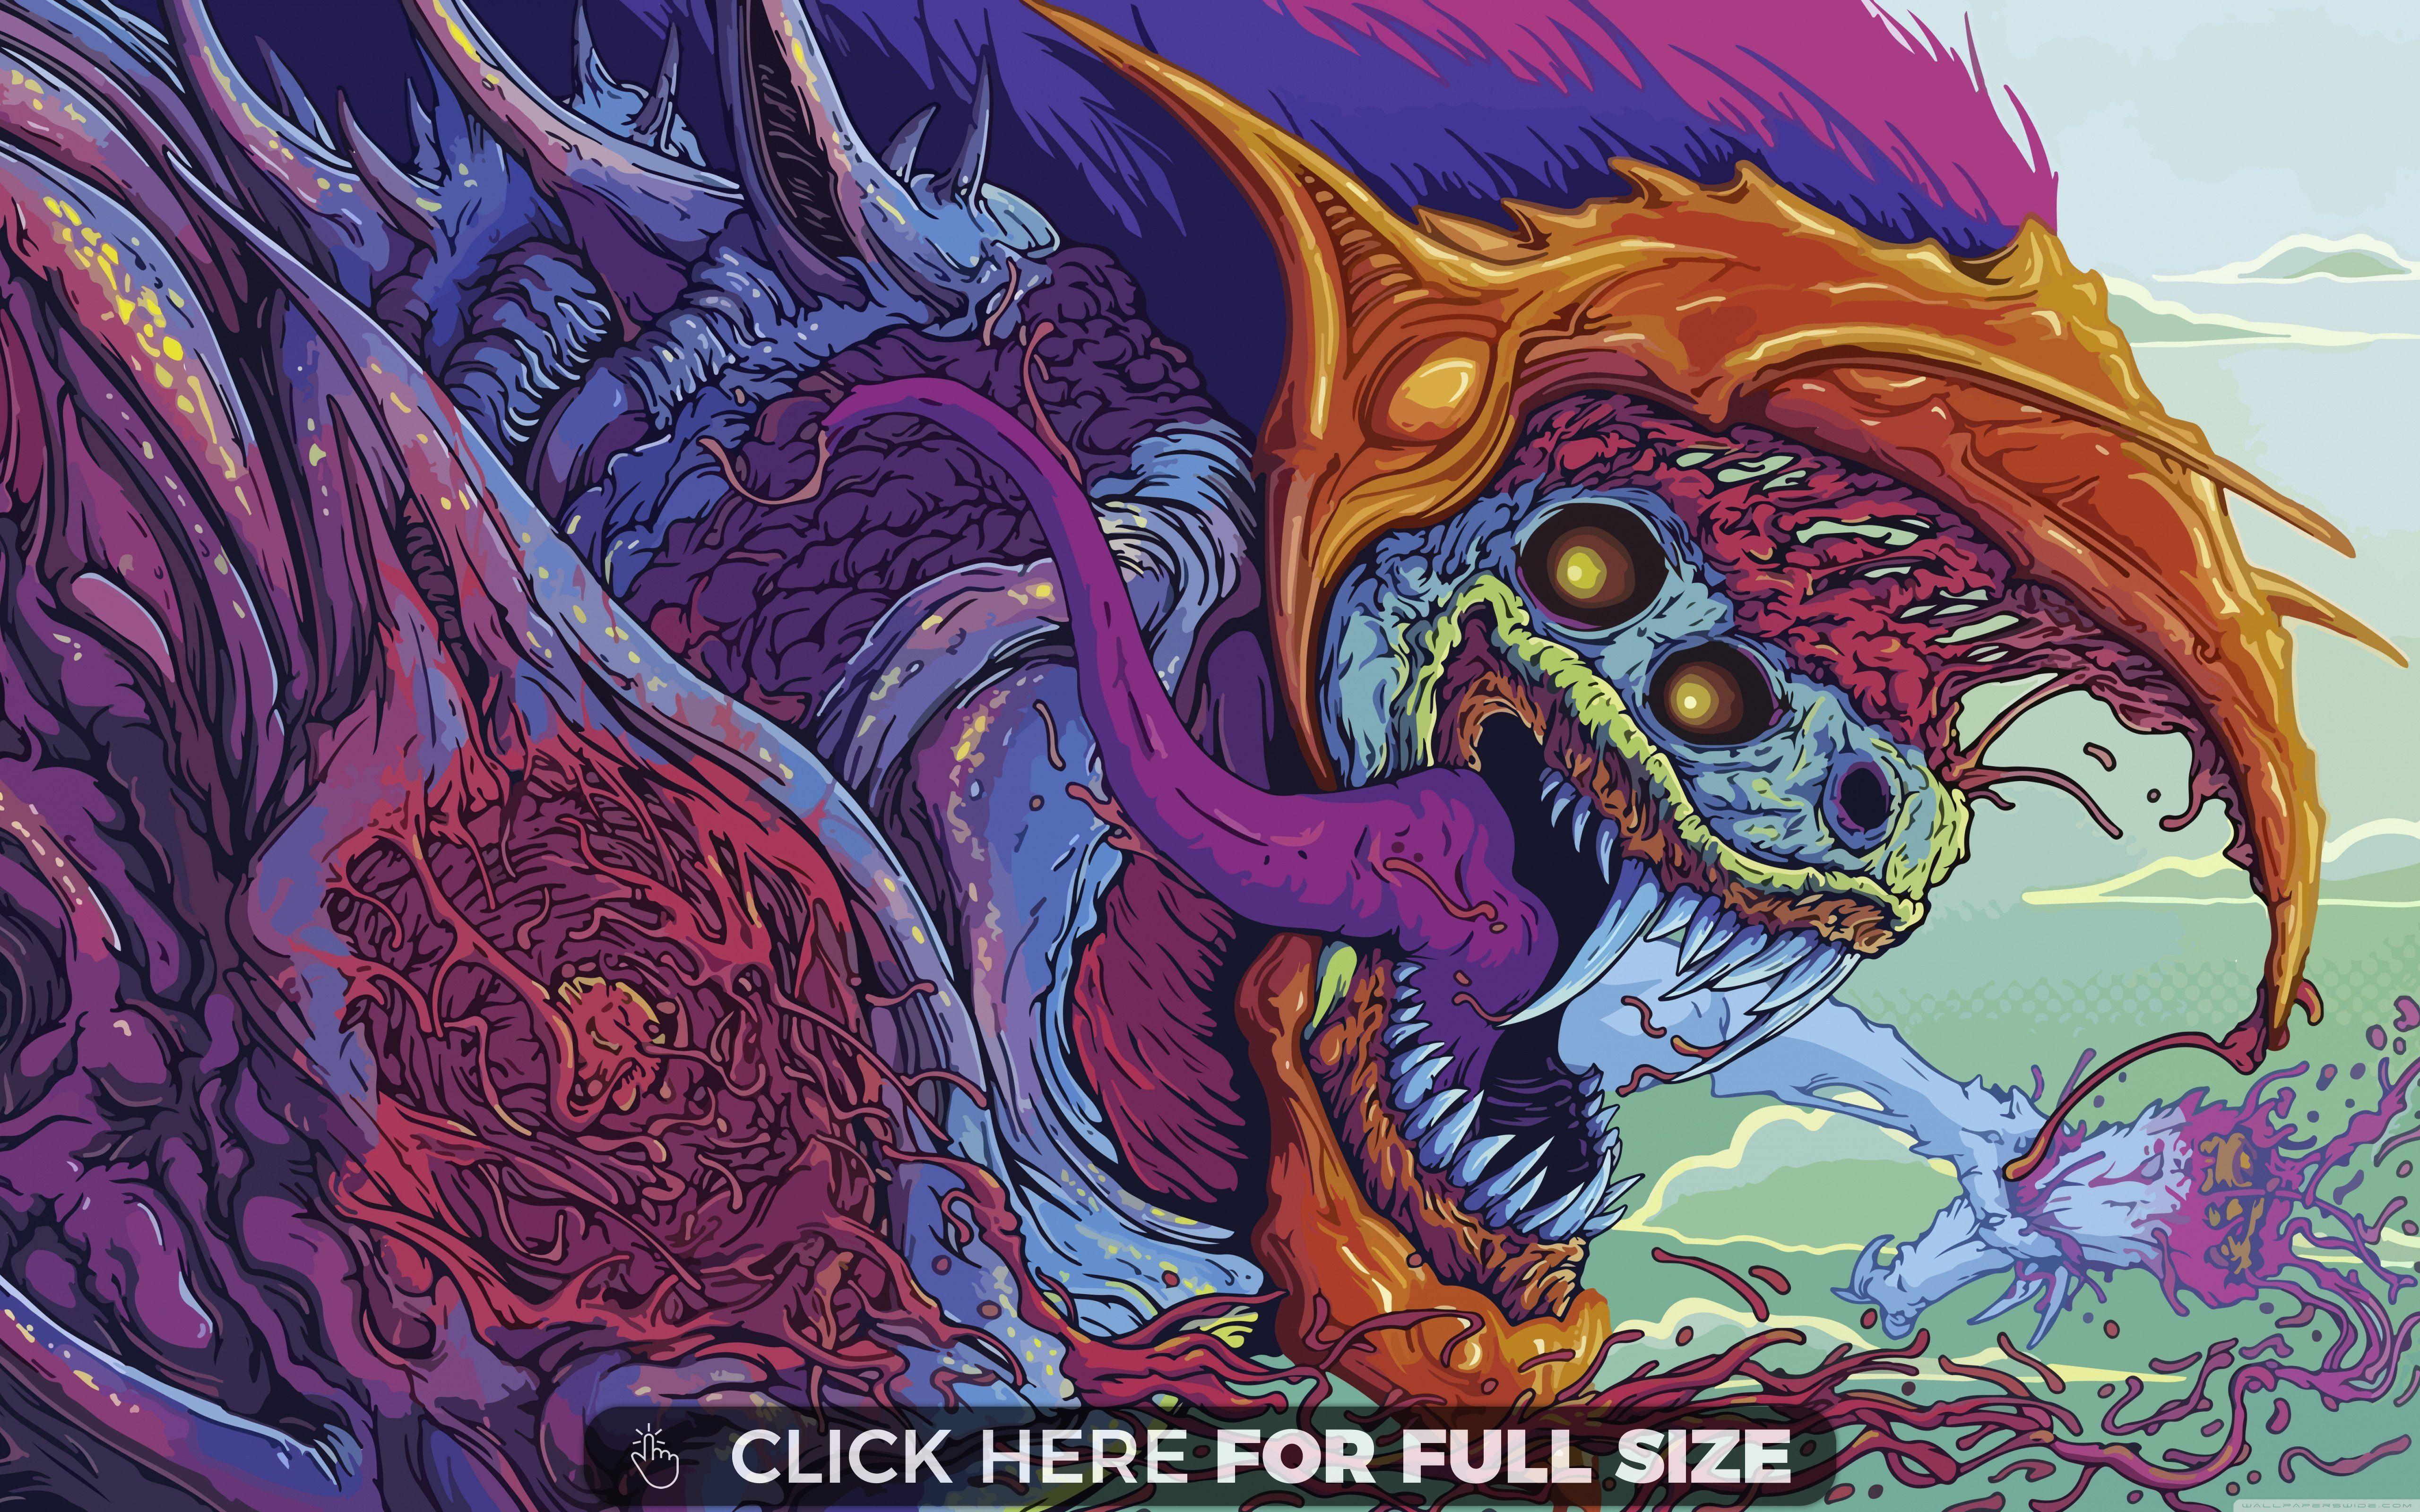 Hyper Beast 4k Wallpaper Hyper Beast Wallpaper Beast Wallpaper Artwork